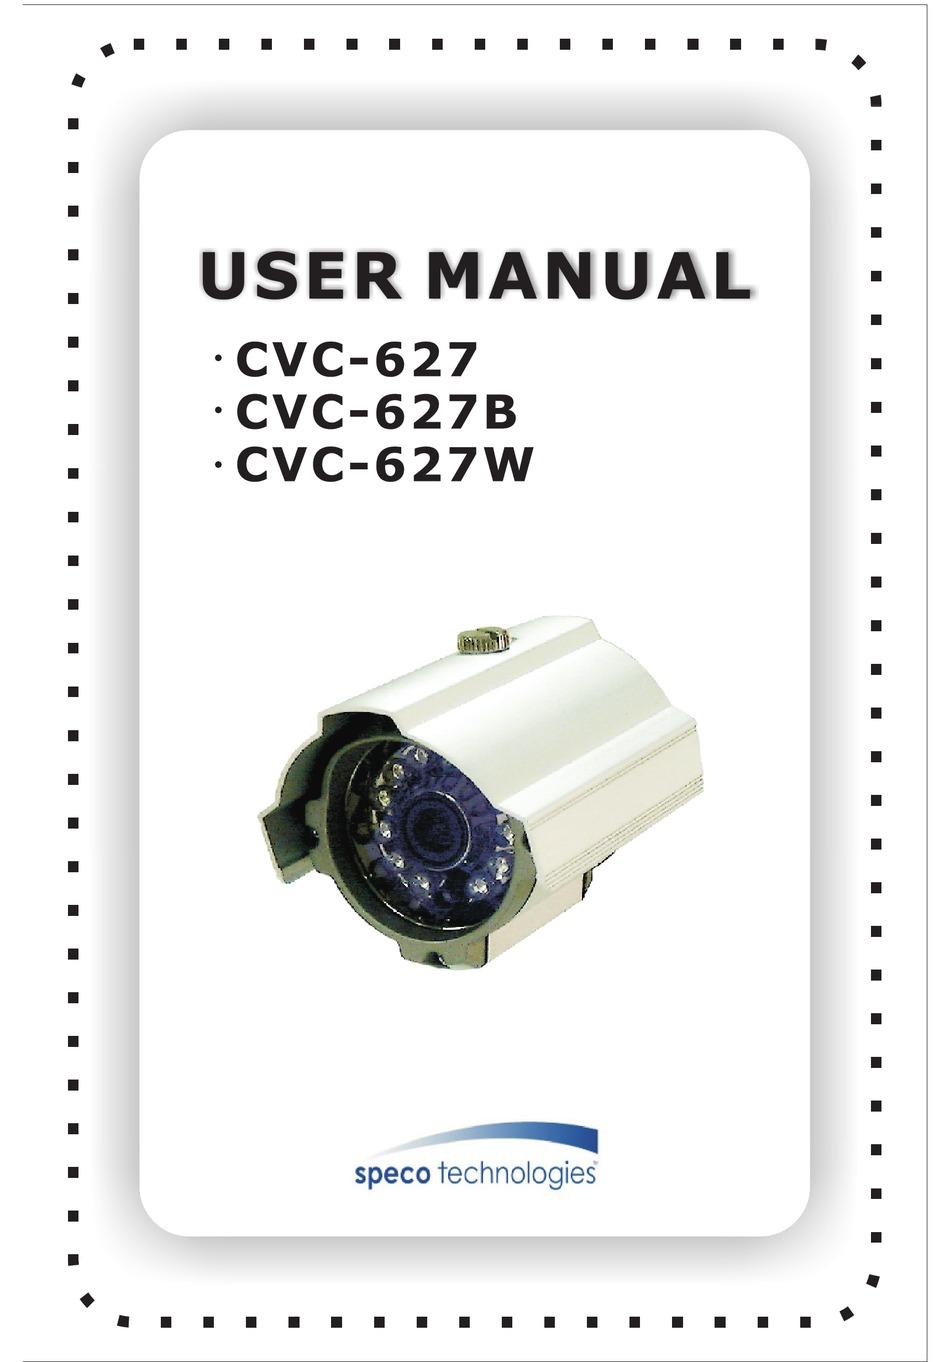 SPECO CVC-627 USER MANUAL Pdf Download   ManualsLib   Speco Camera Wiring Diagram      ManualsLib